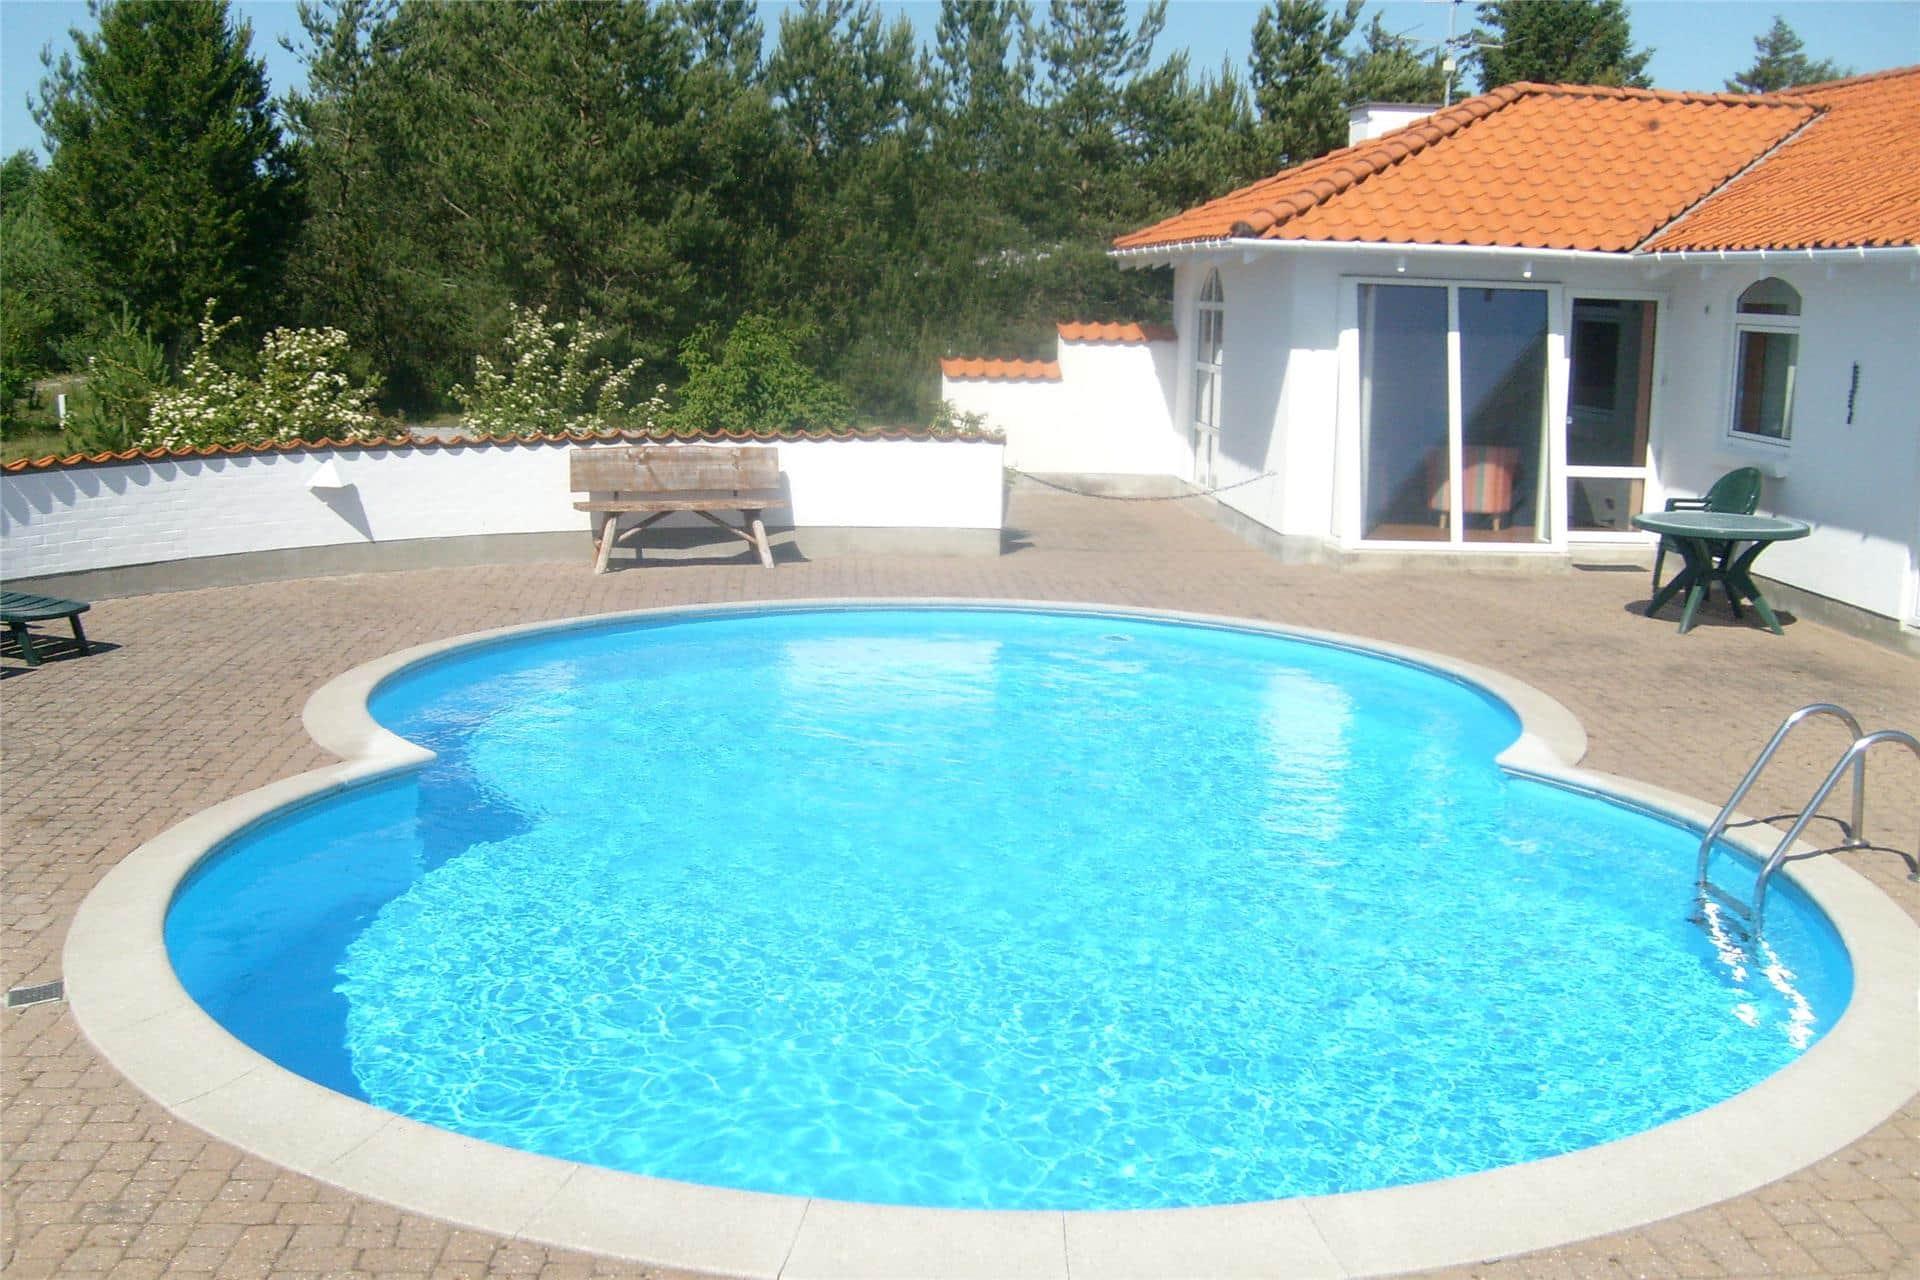 Image 1-3 Holiday-home L16202, Gerdasvej 43, DK - 9670 Løgstør